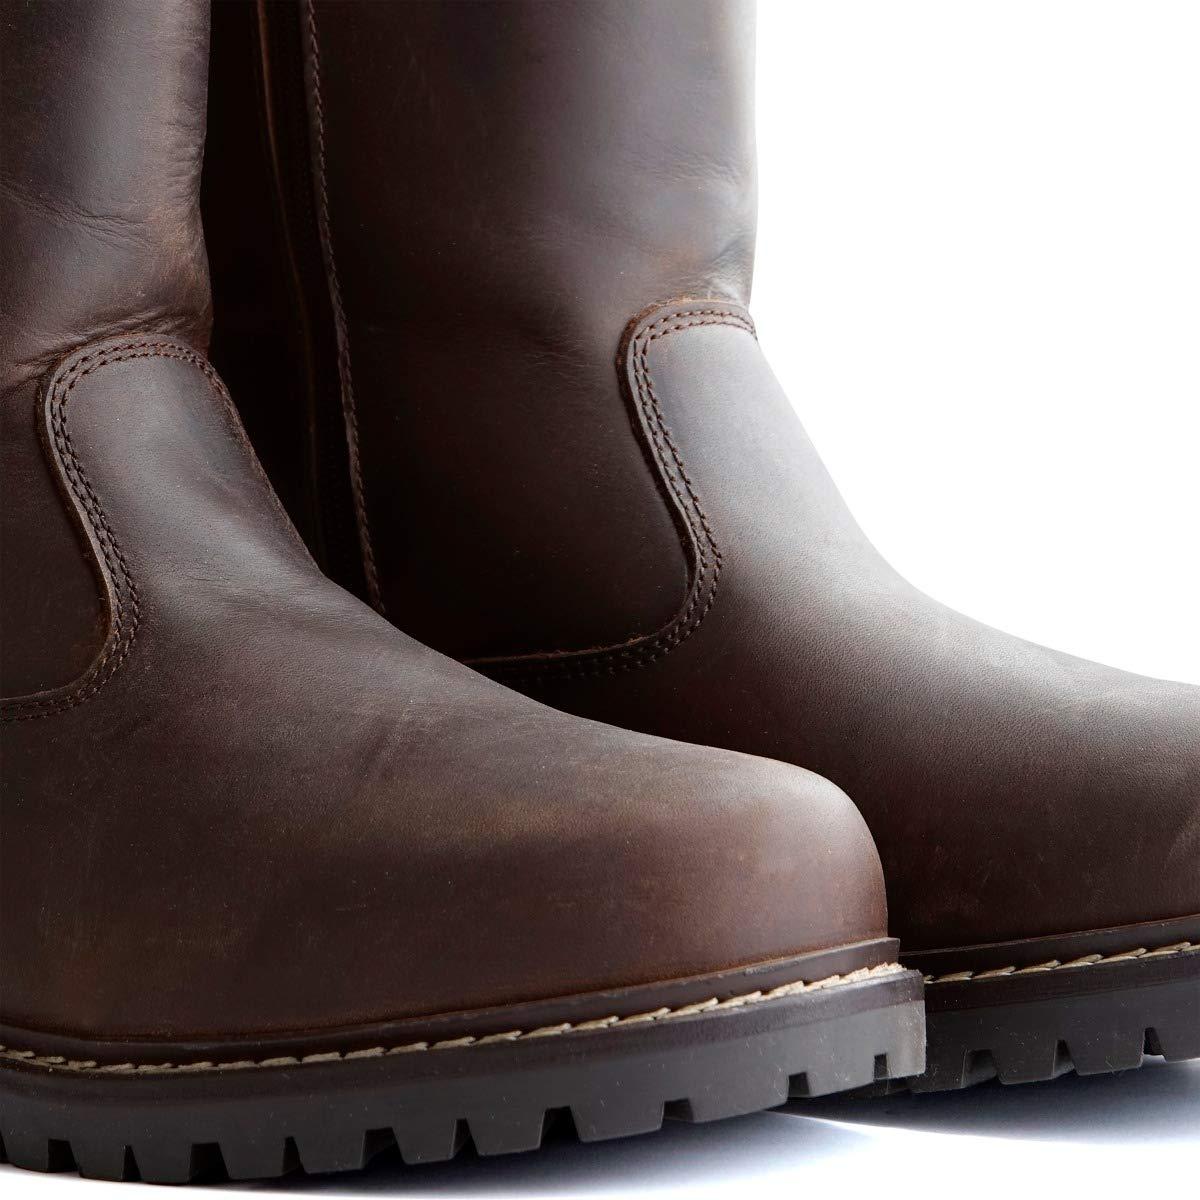 Travelin' Gravvik Herren Outdoorstiefel aus Leder Leder Leder - Wasserdicht & 100% Wolle Gefüttert   Braun f7605c